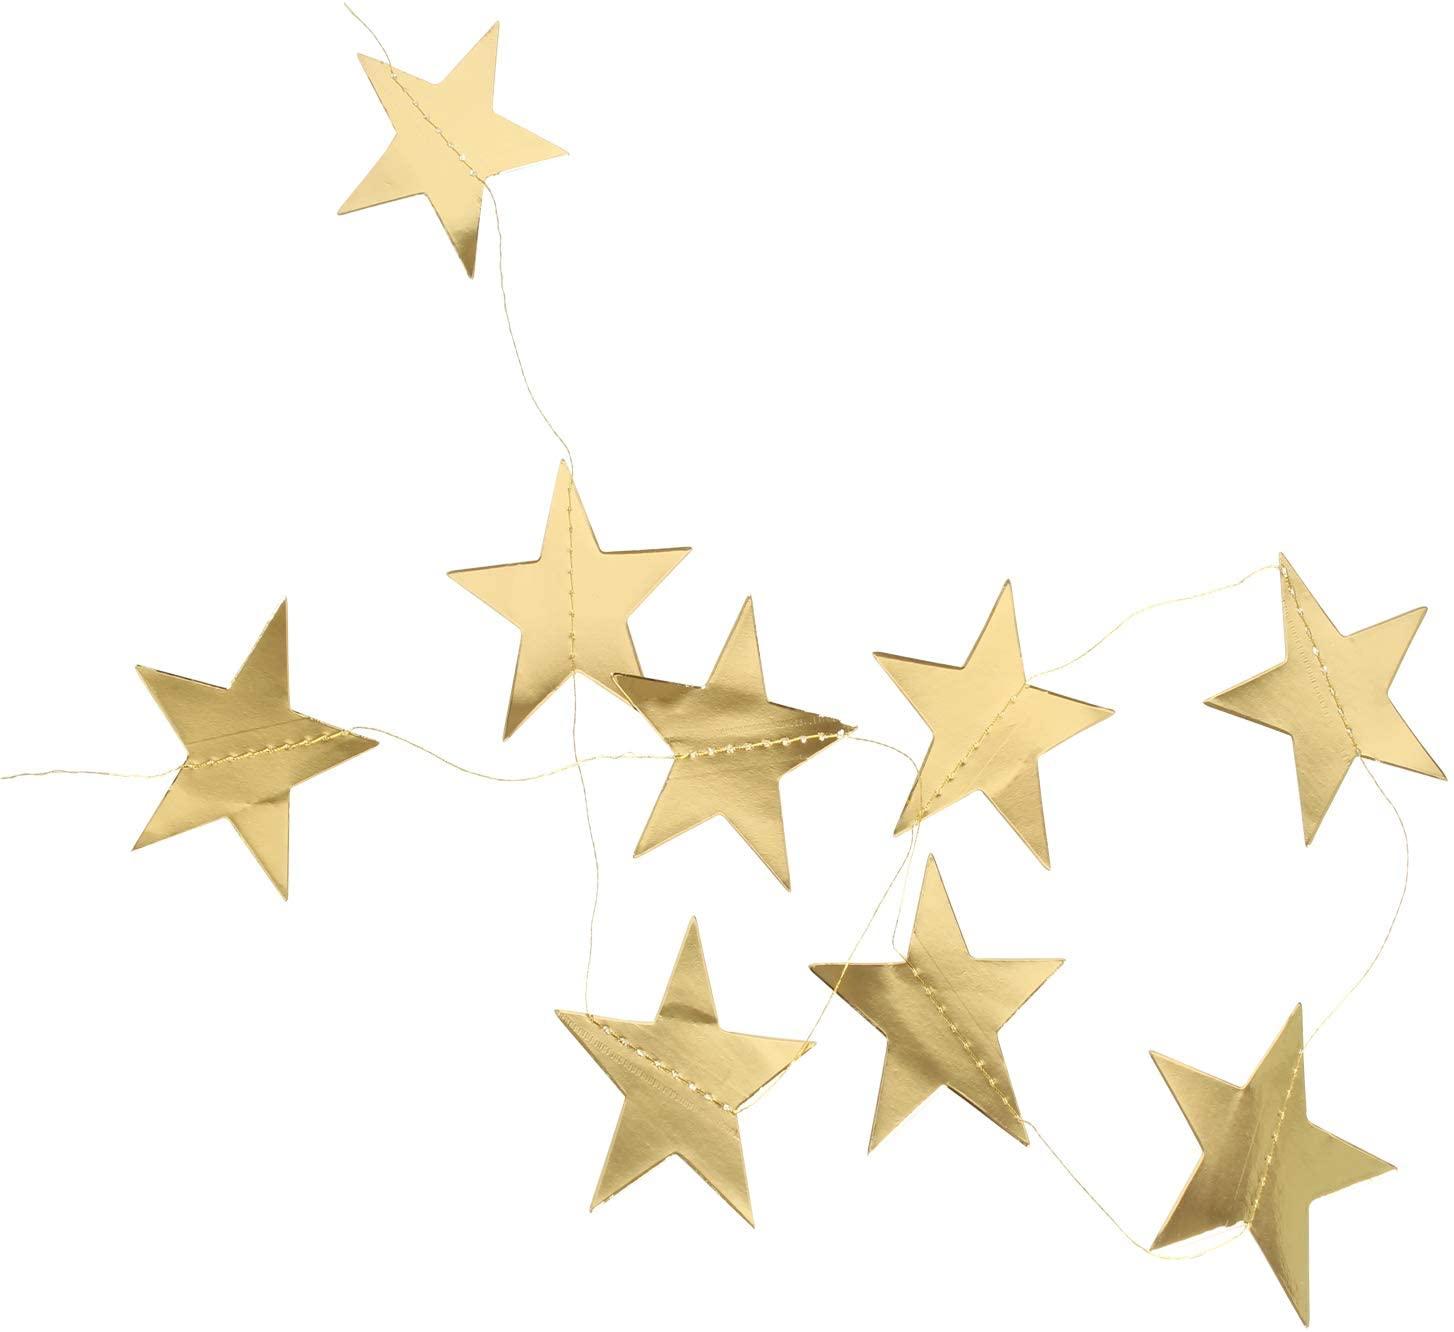 Birthday Wedding Proposal Star Banner Birthday Party Decoration Golden Creative Star Supplies